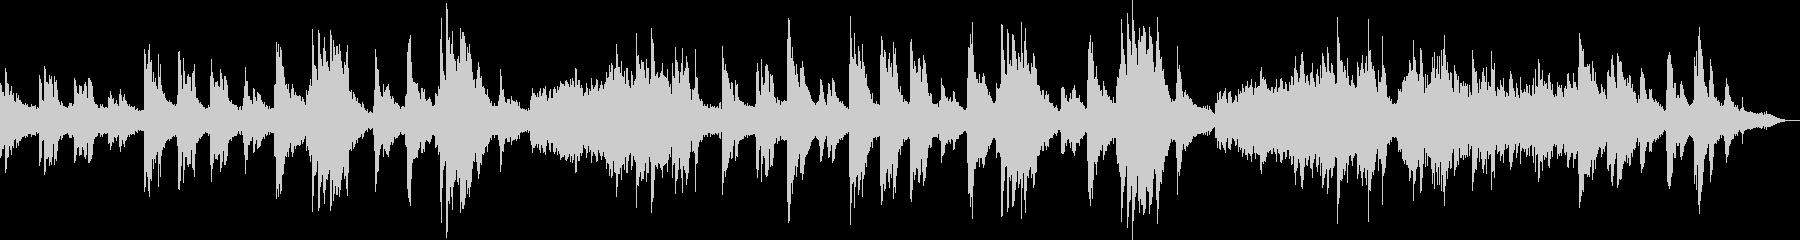 ピアノとシンセによる雪国のイメージの未再生の波形